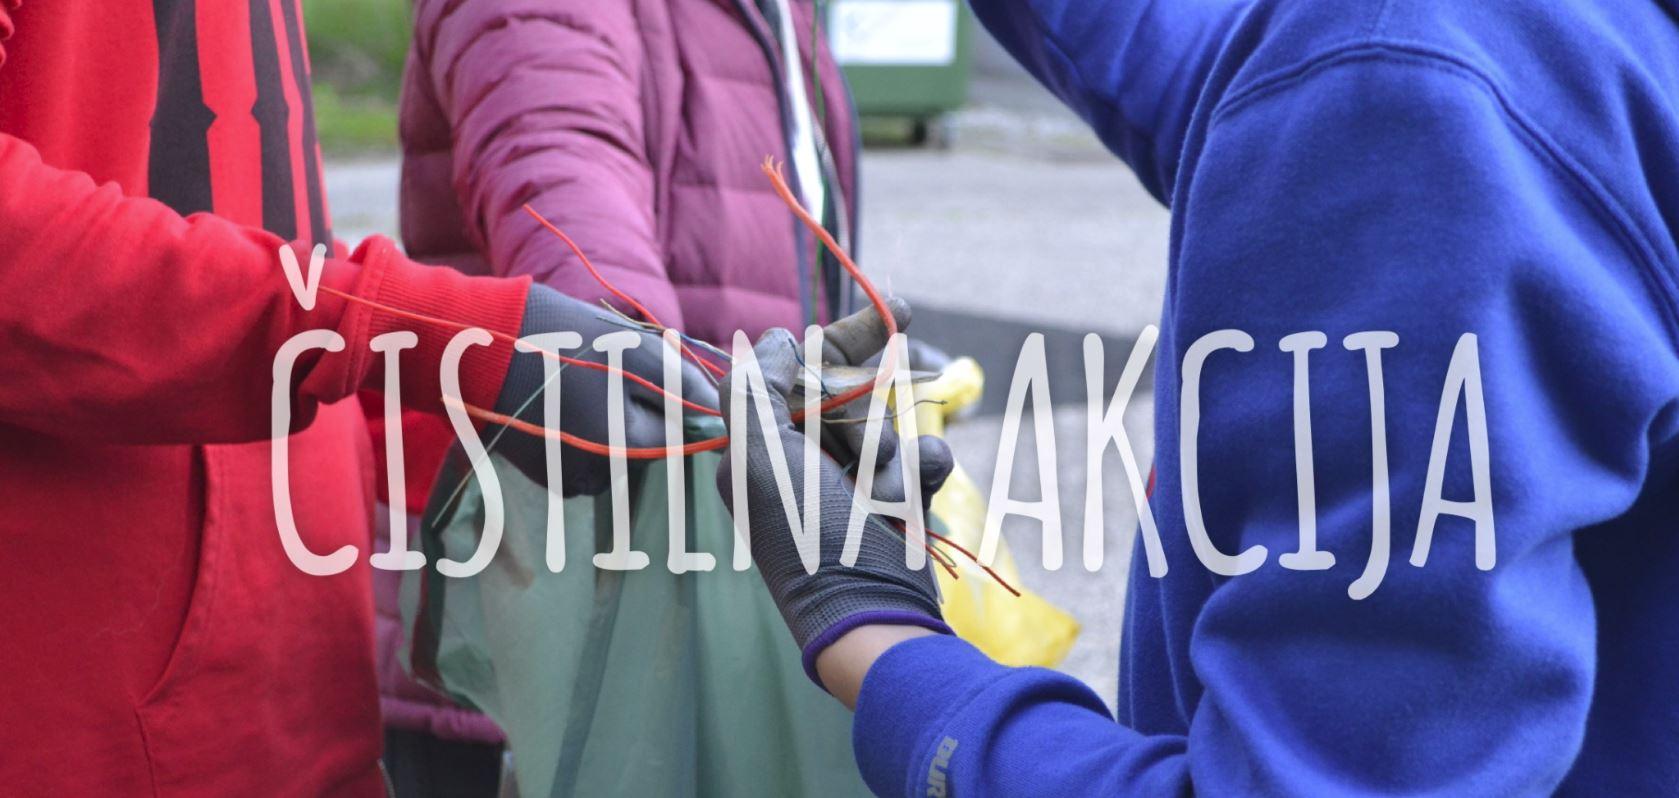 Dan za spremembo – čistilna akcija